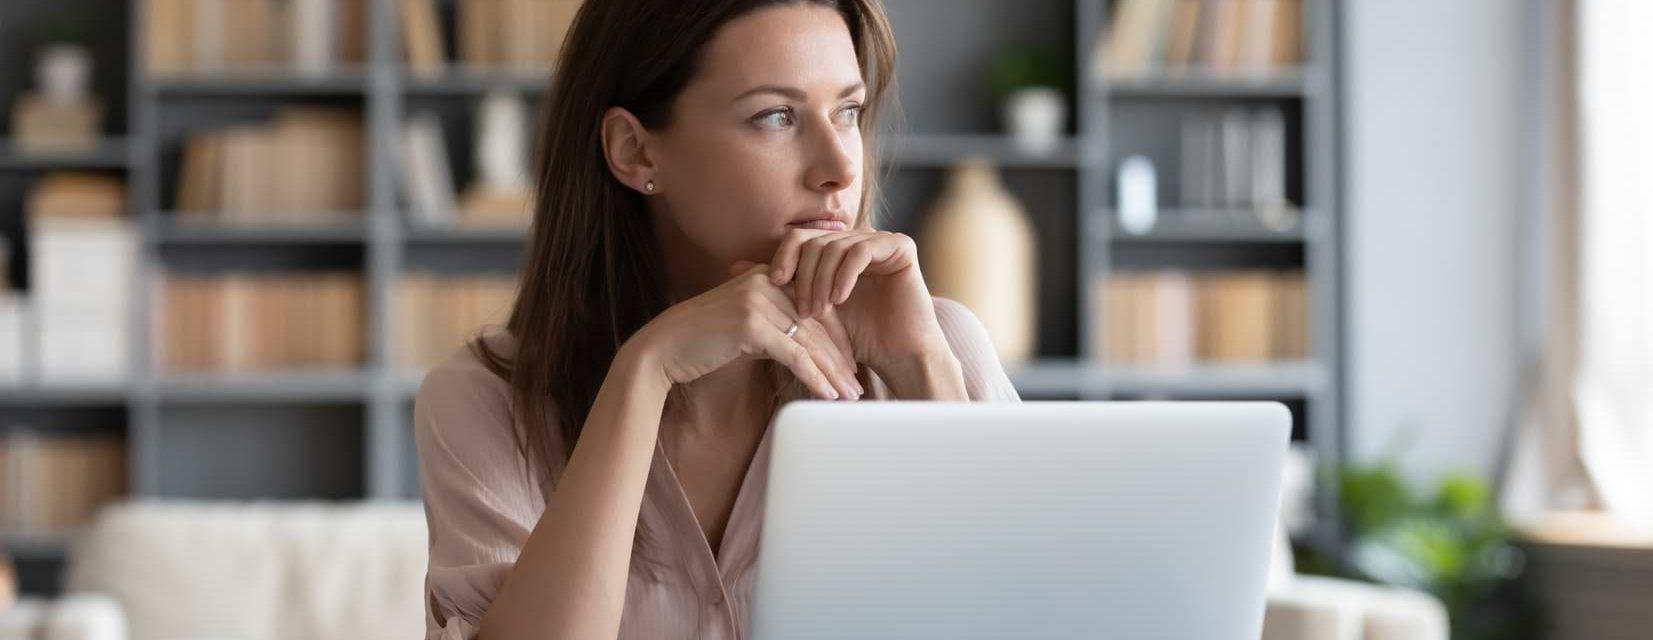 Orolig kvinna vid dator